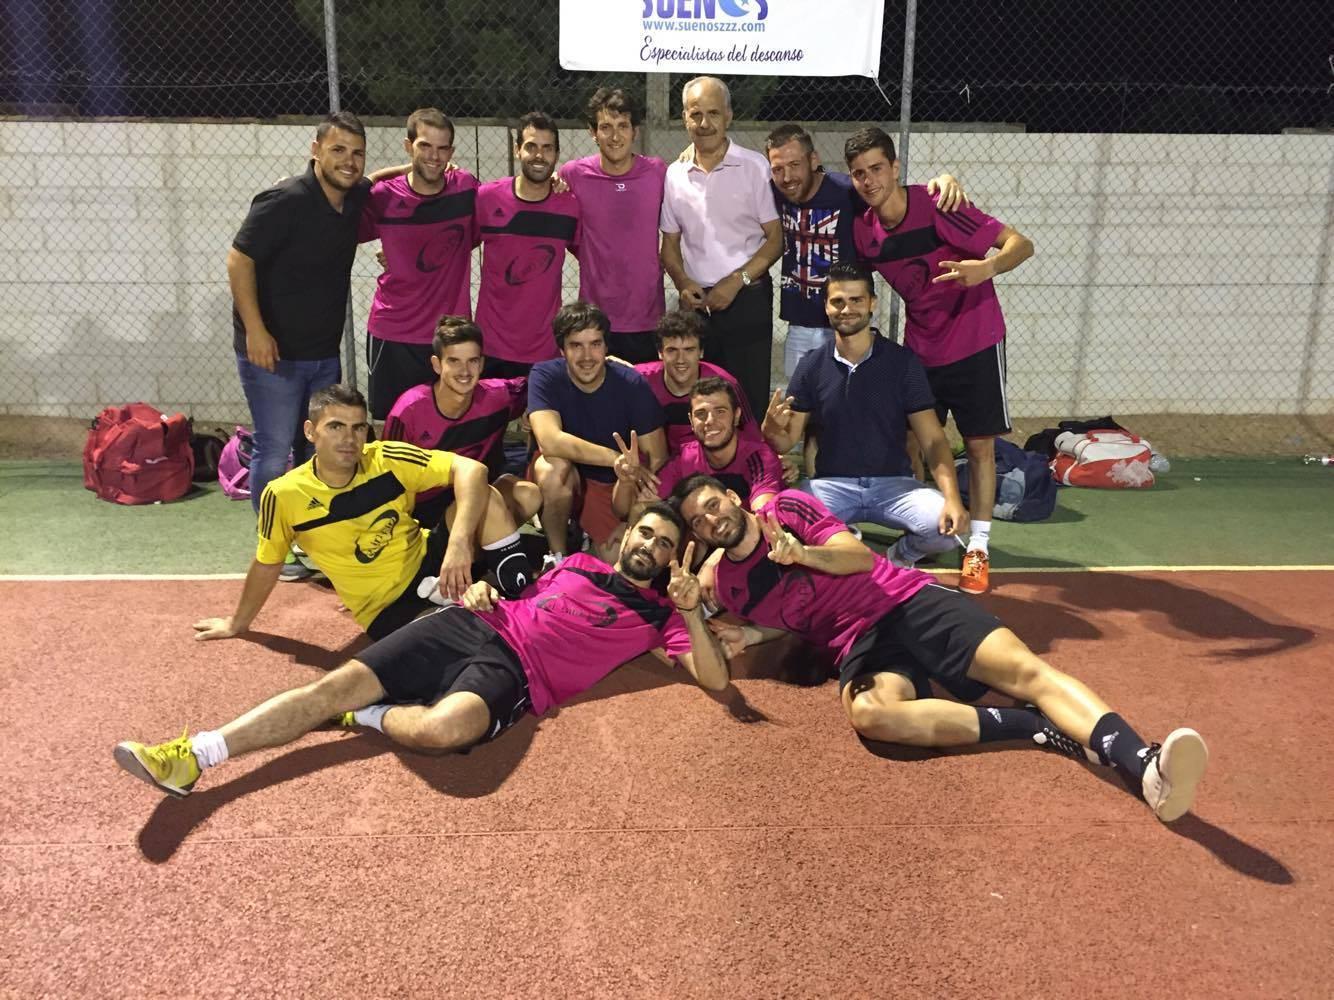 equipo sinfin de herencia en maraton futbol sala puerto lapice - El SinFin ganó la Maratón de Fútbol Sala de Puerto Lápice 2016